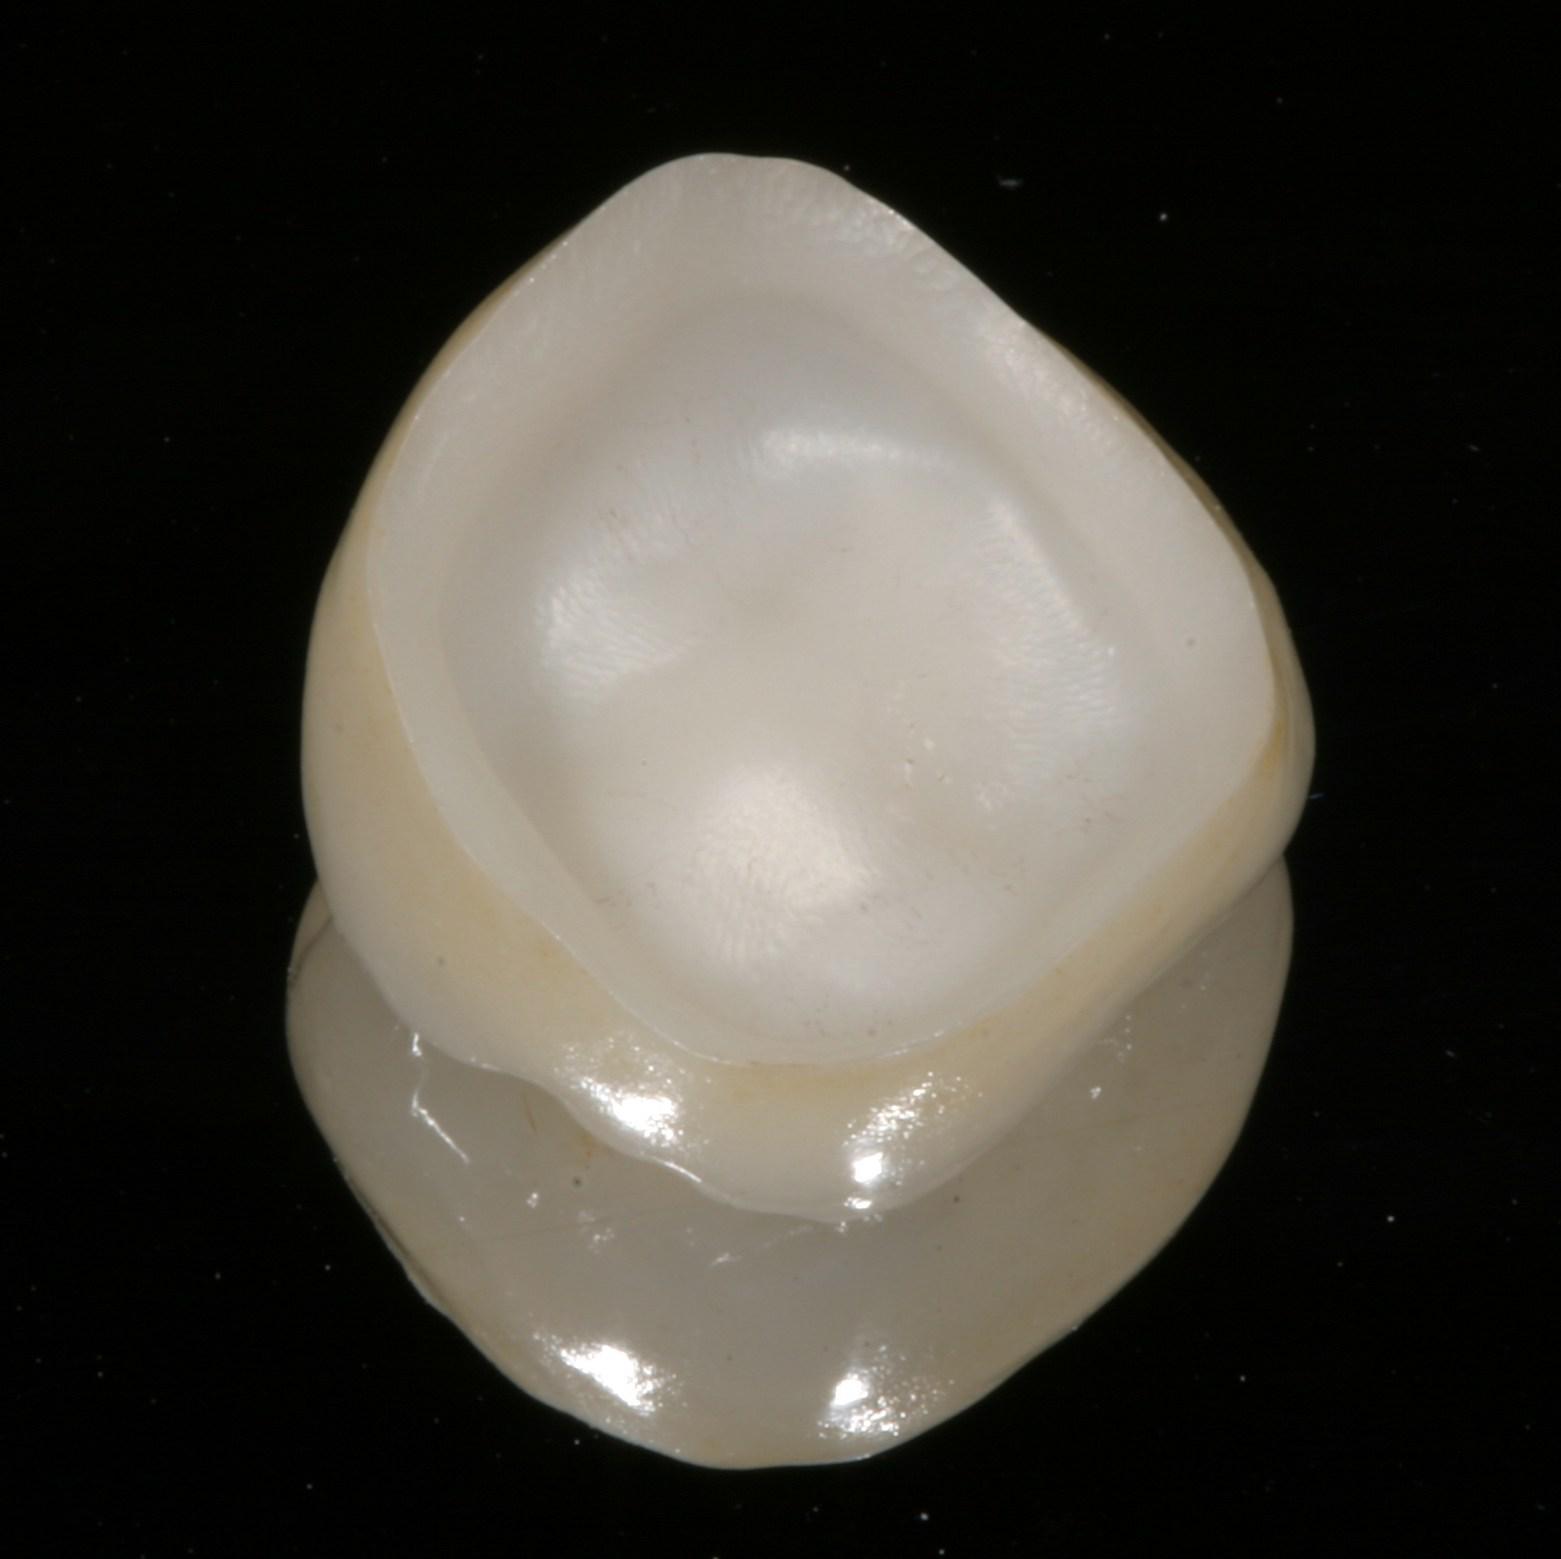 Exemple de noyau céramique pur